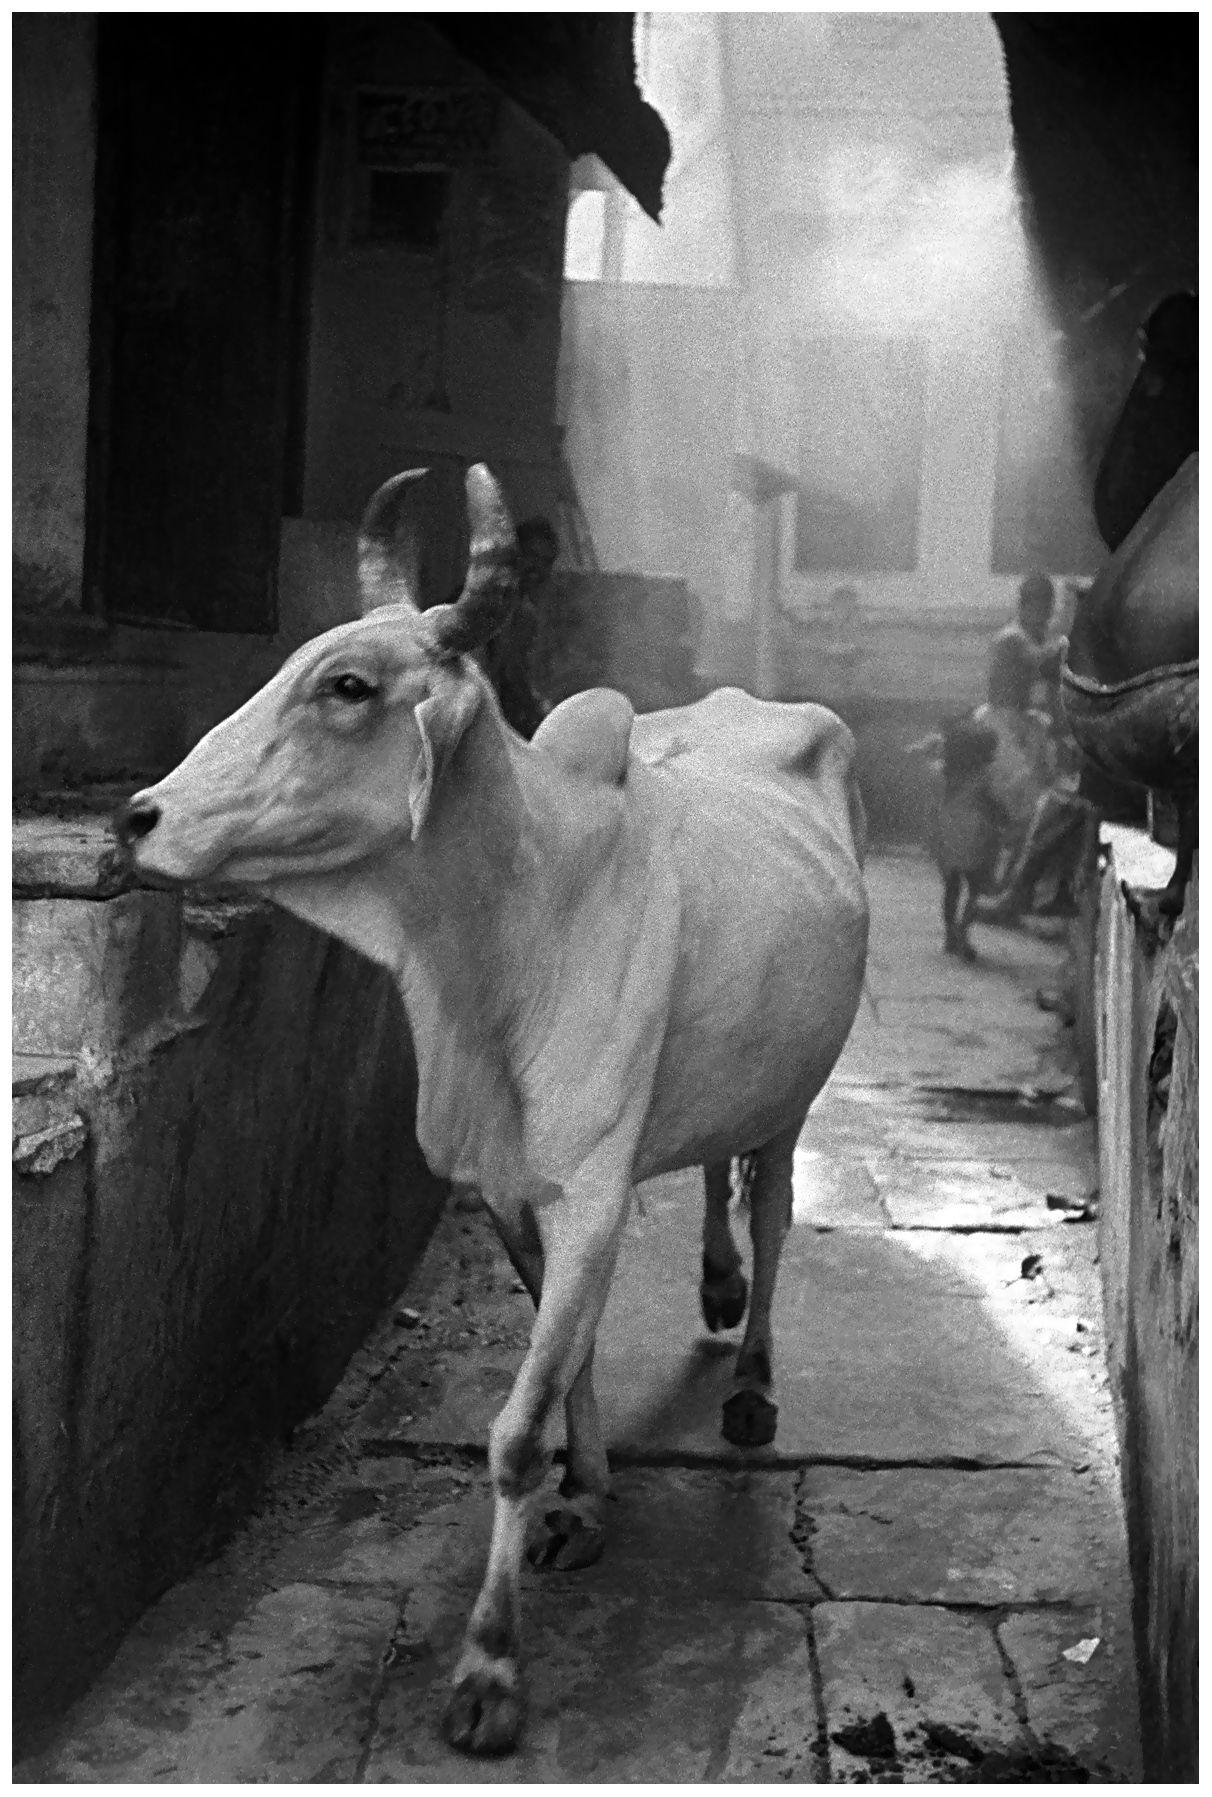 Frank Horvat - Cow in the bazaar, New Delhi, 1953. S)